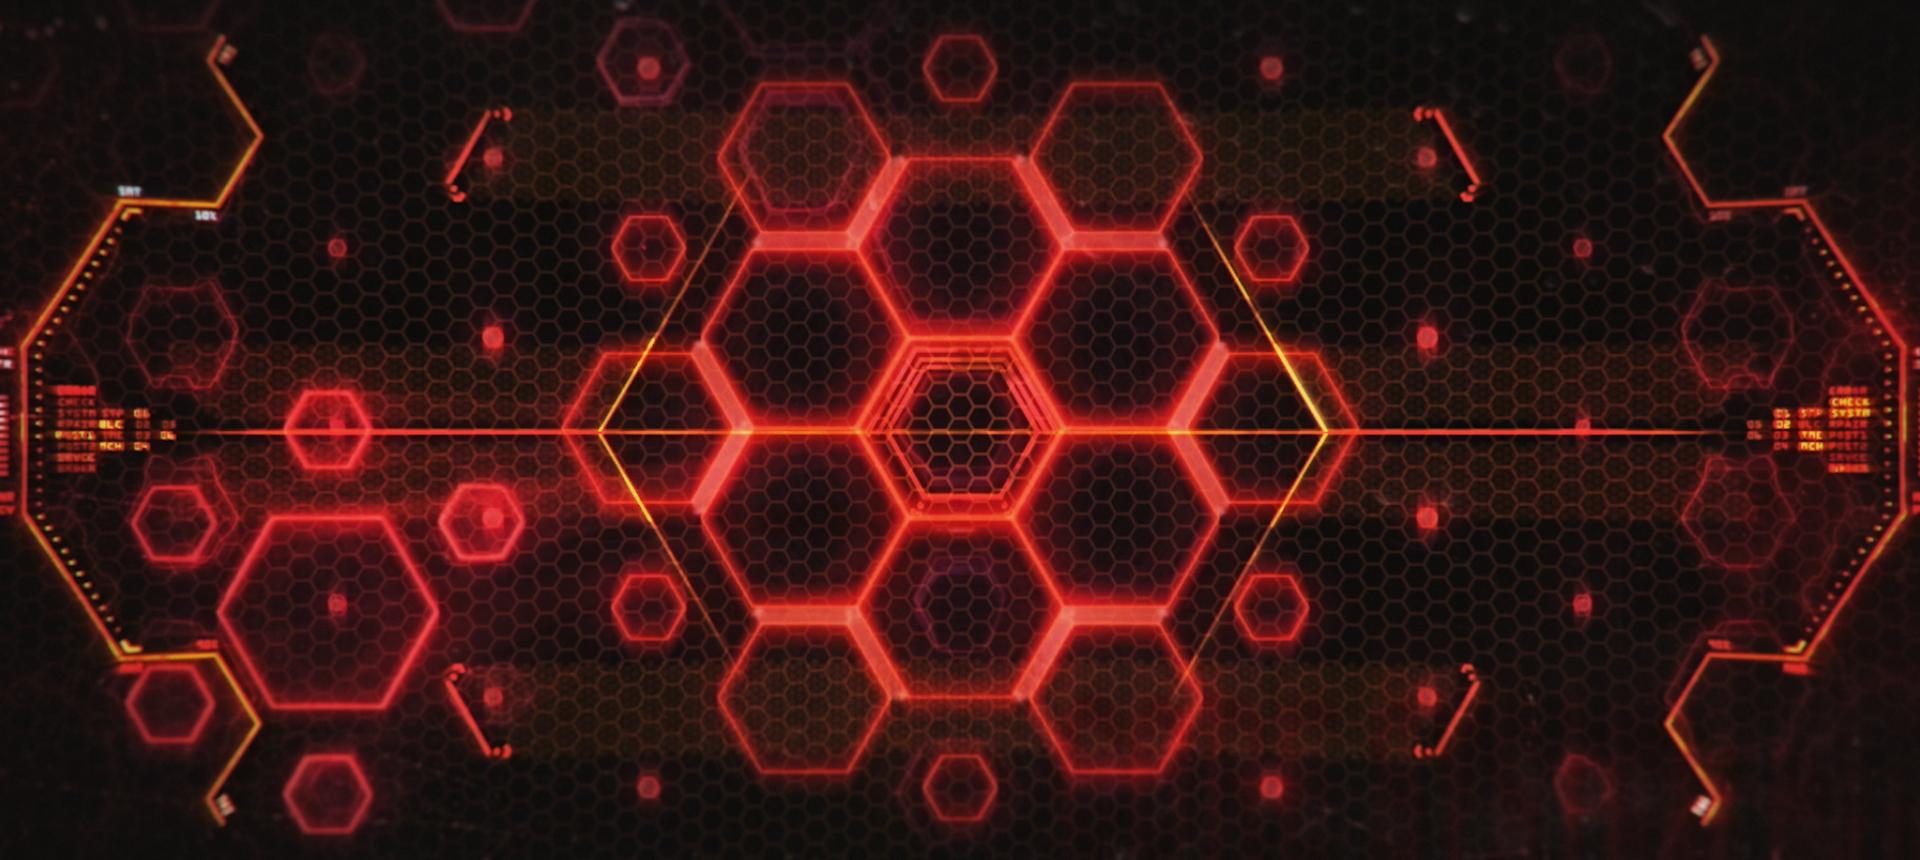 BumbleBee_reel_05022019 (00299).jpg